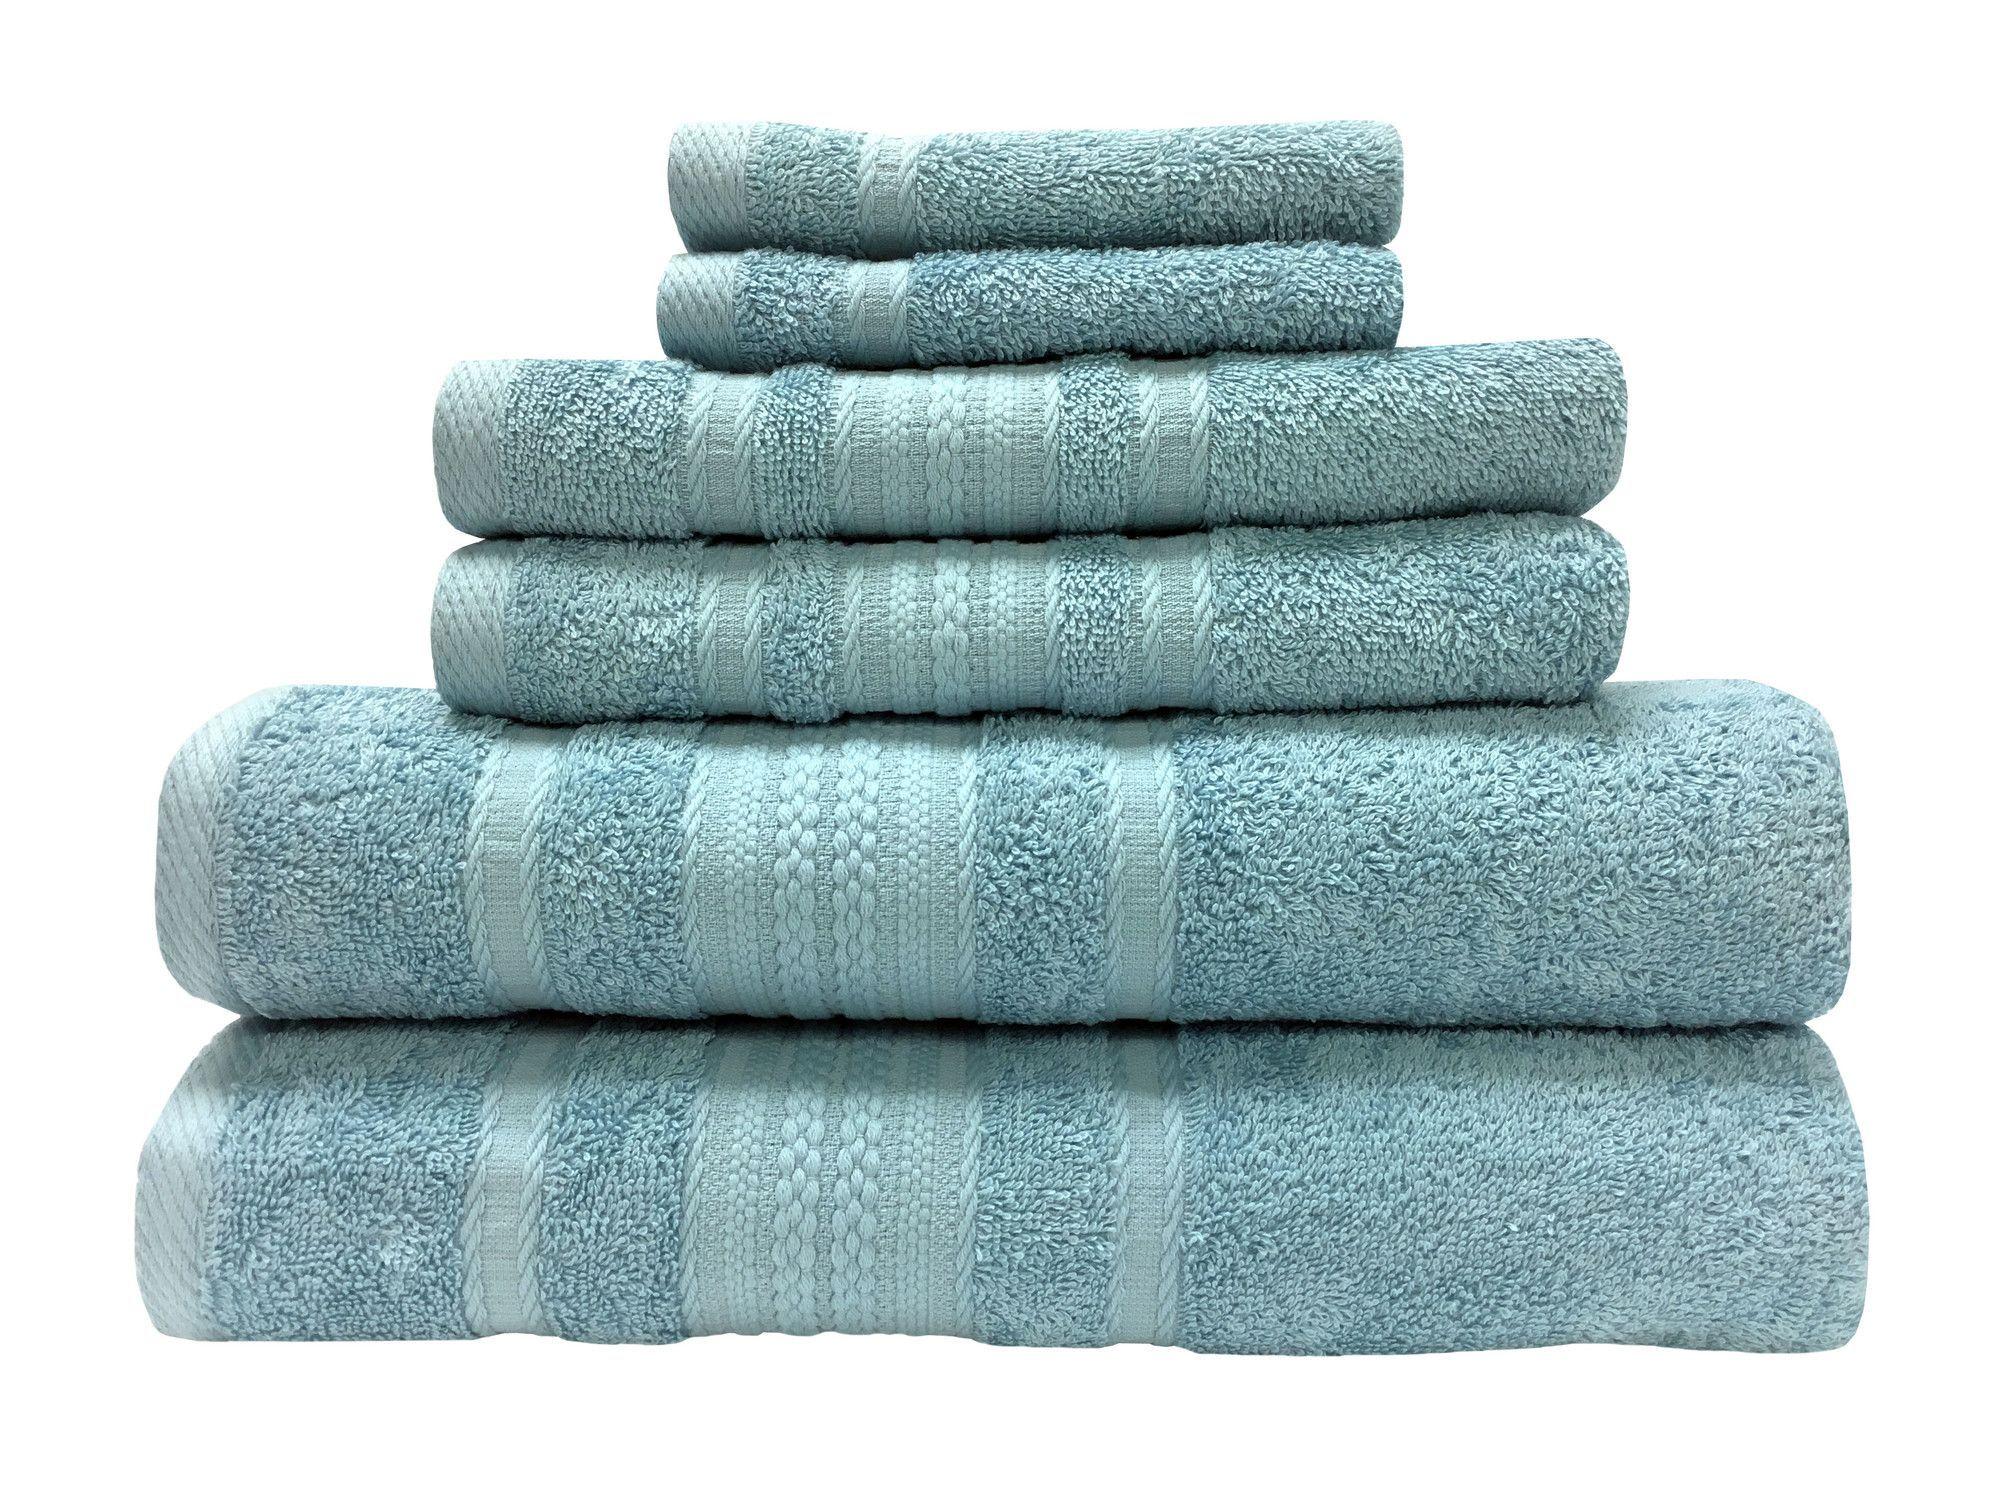 Mystique 6 Piece Towel Set